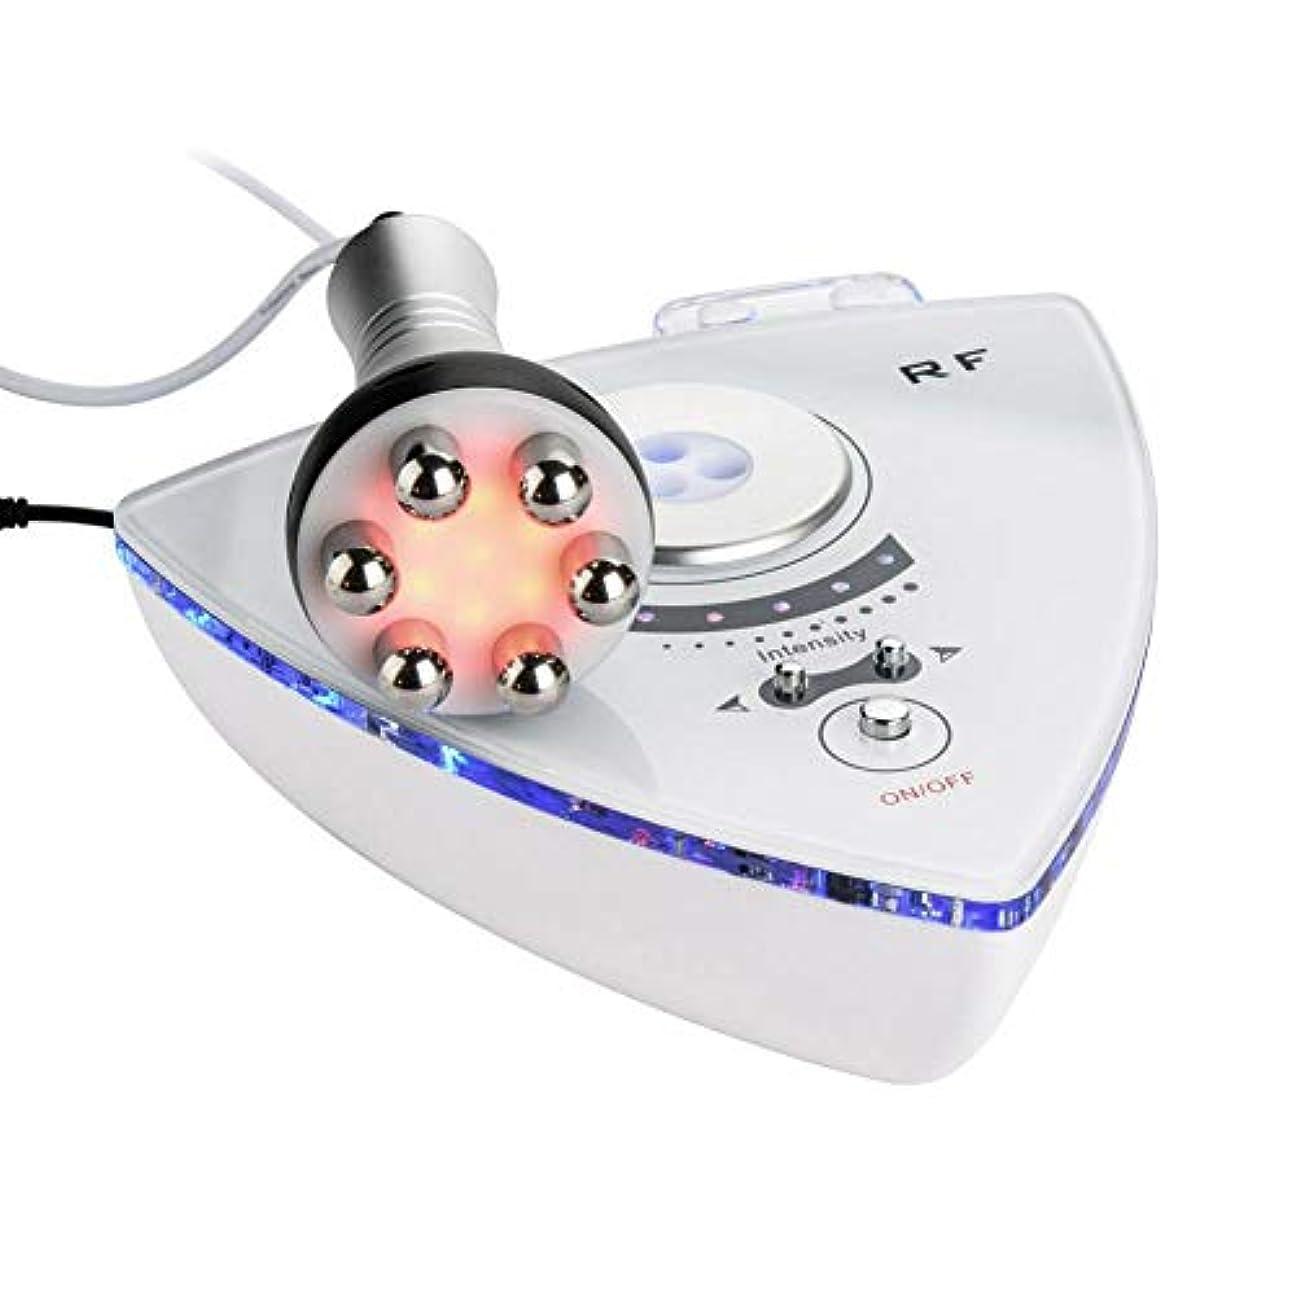 操縦するかわす溶融RFの無線周波数の顔の美機械、しわの取り外しの皮の持ち上がる若返りの反老化のスキンケアのための手持ち型の電気美装置(私たち)